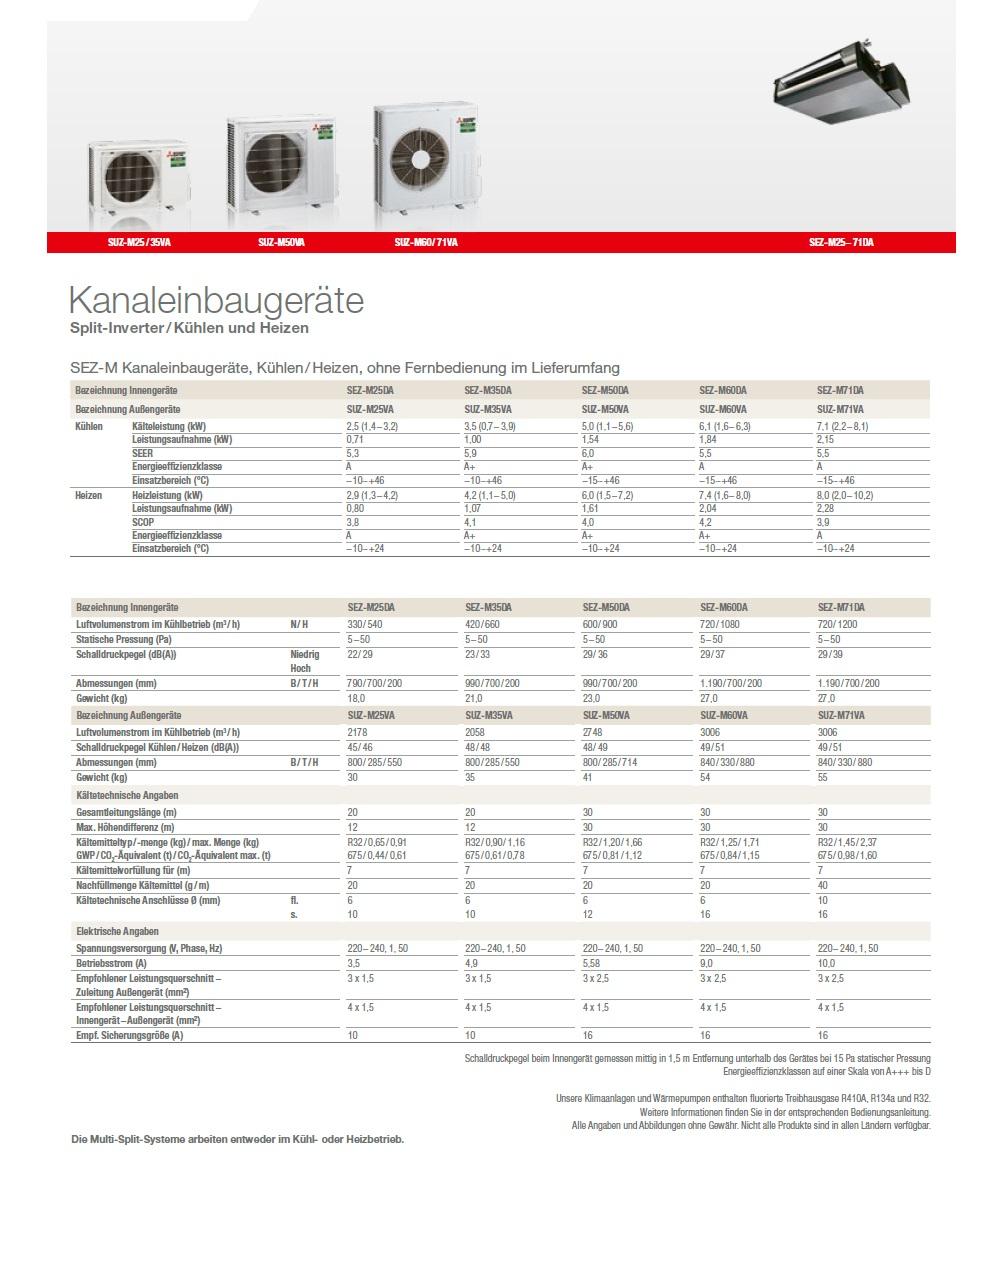 Klimaanlagen Mitsubishi Mono Split 21 Btu Kanaleinbaugeräte SEZ-M